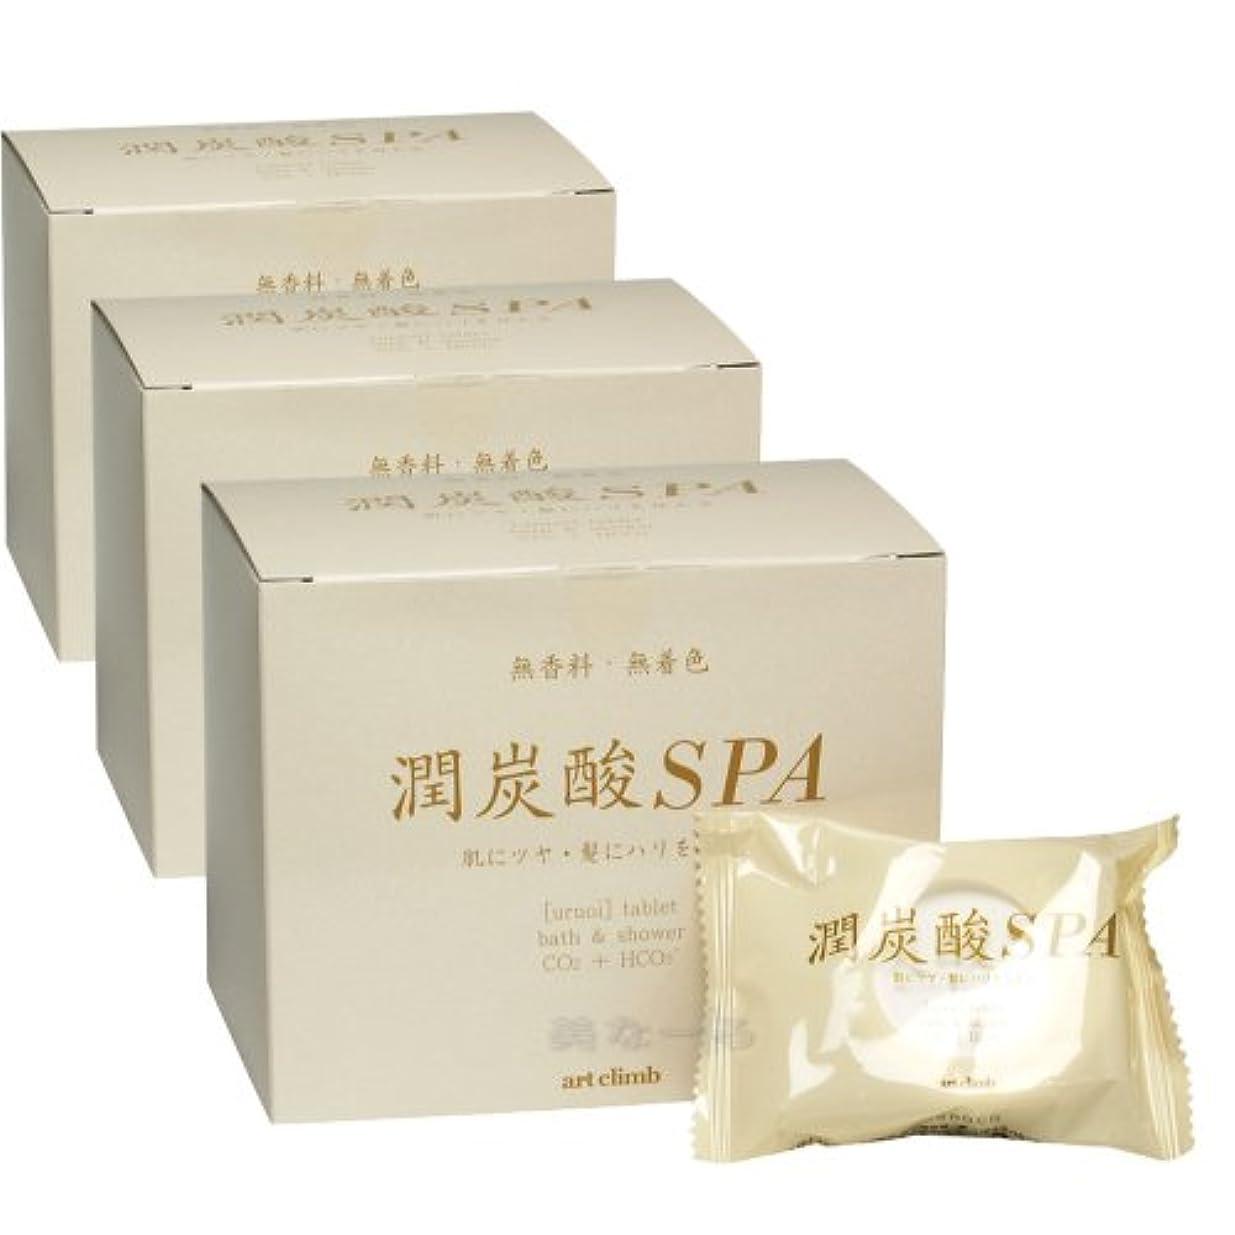 立方体刺繍走る潤炭酸SPA(うるおい炭酸SPA) 60g×10錠入 3個セット